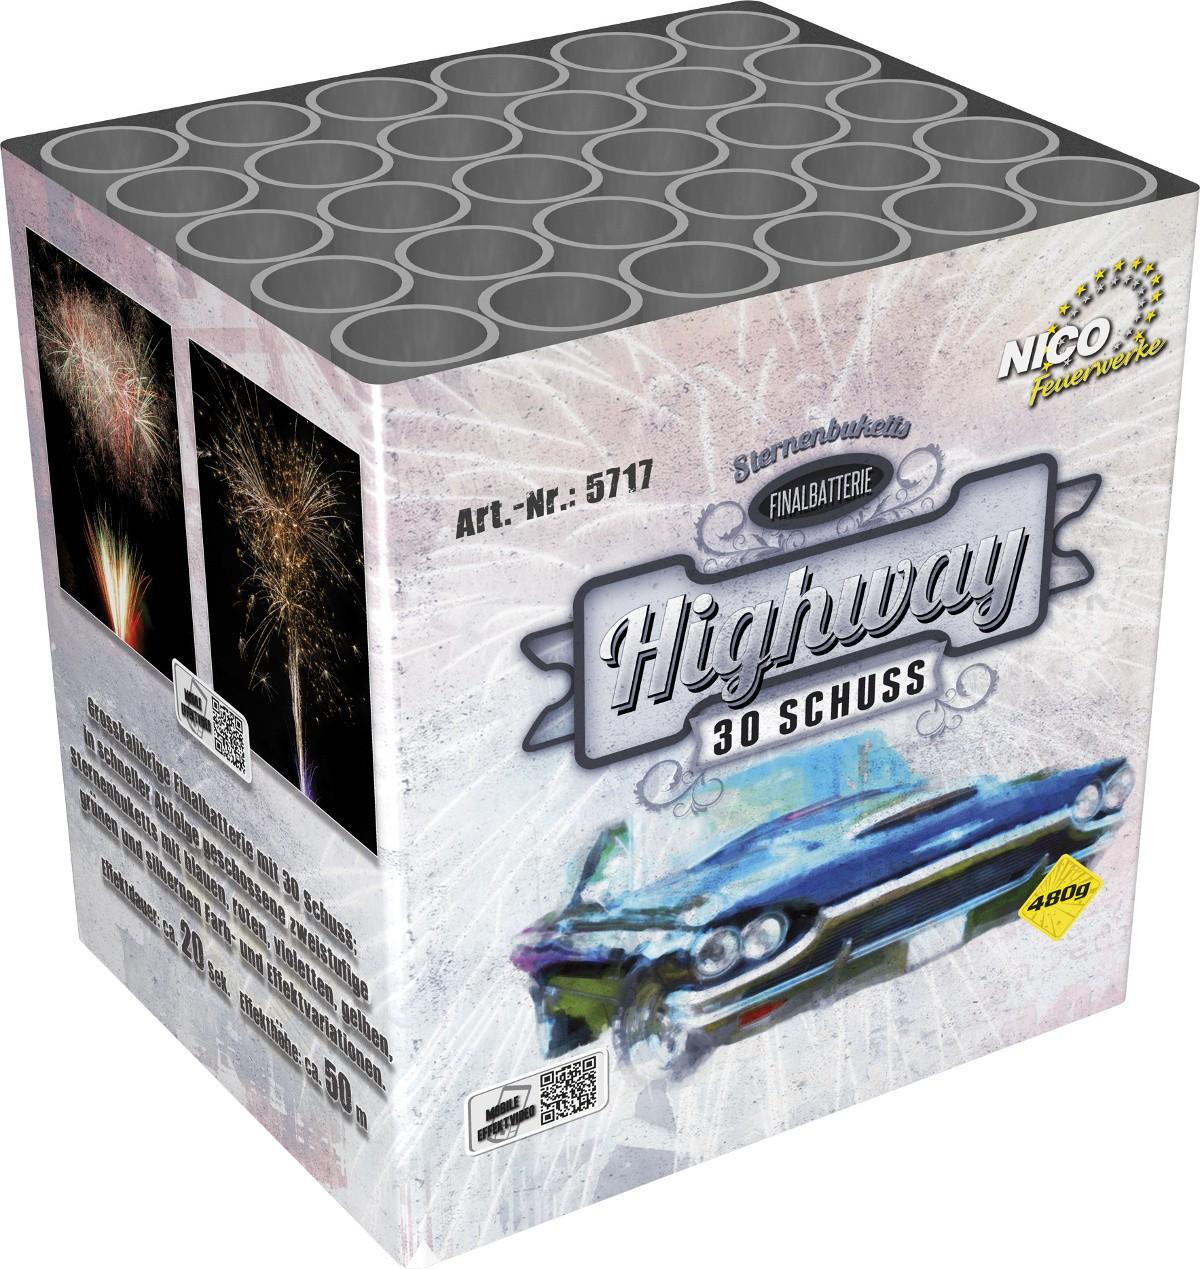 Feuerwerk Batterie Highway 30 Schuss